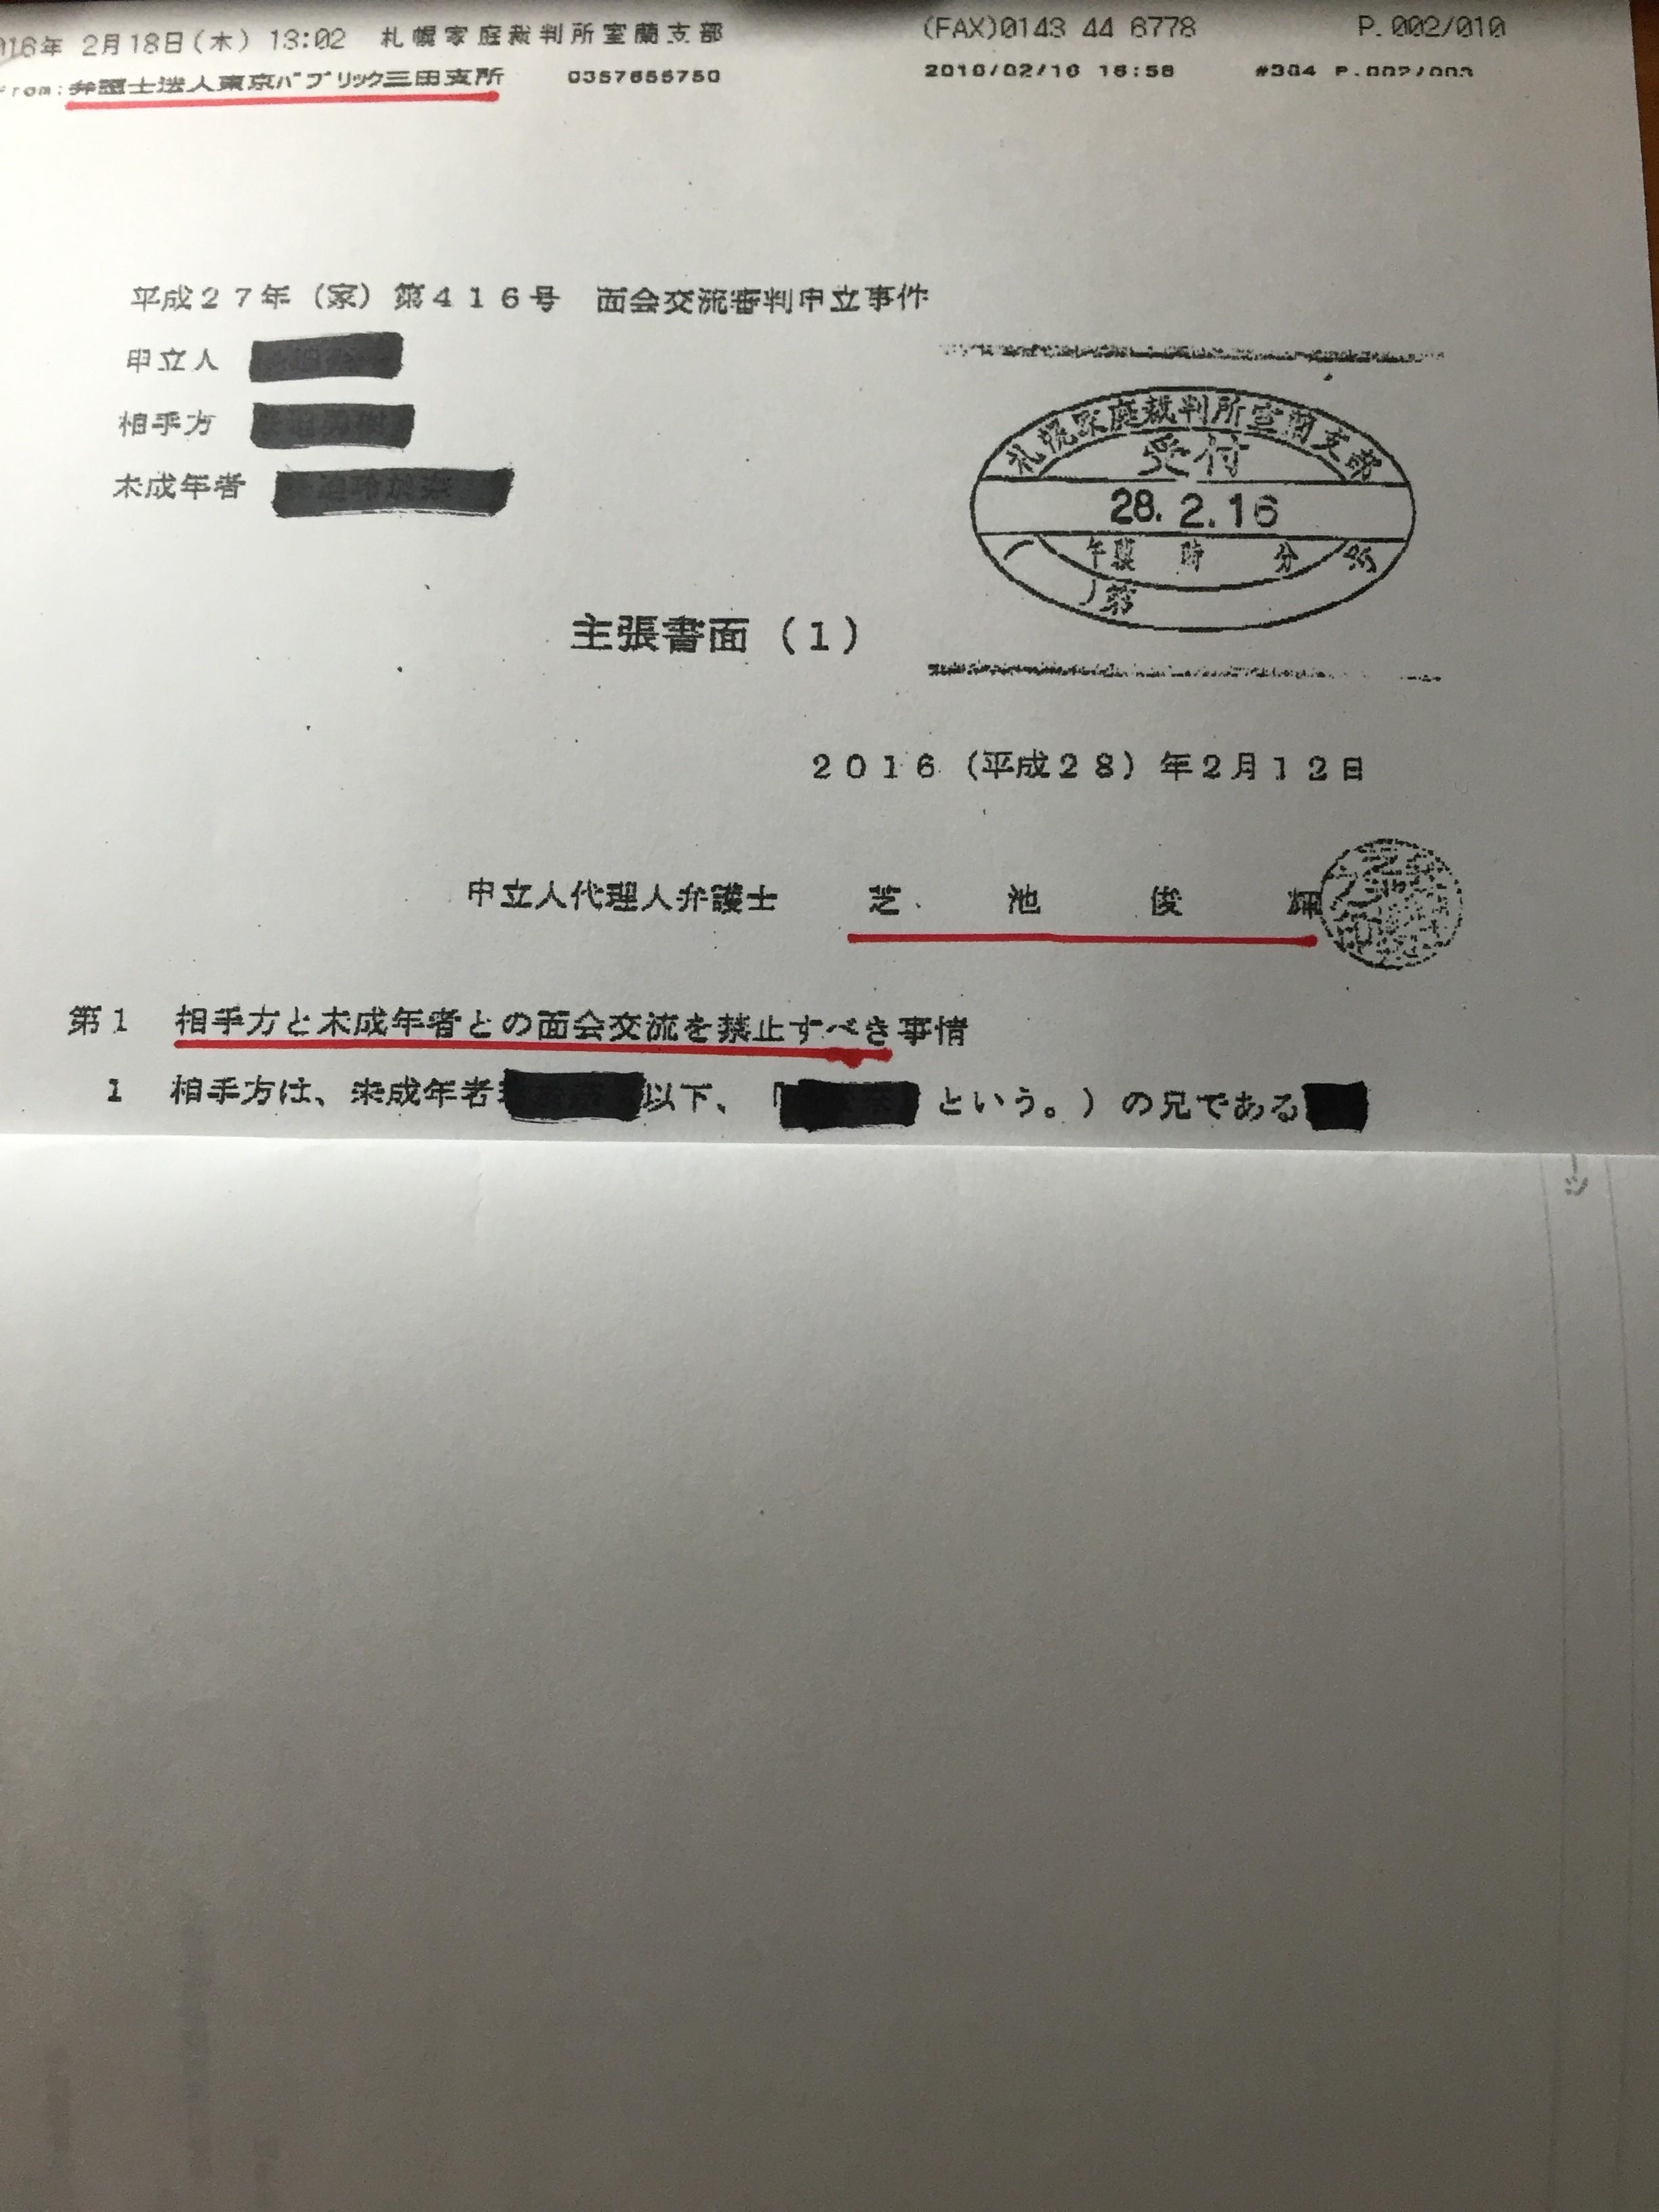 東京パブリック法律事務所の弁護士芝池俊輝は、母親の虐待環境にいる子どもが父親にSOSを出しているにも関わらず、父親と子どもの面会交流の禁止を主張する申し立てをしました。面会交流を推進することは国内的にも大きな流れです。父親には何の落ち度もないのに、面会交流を禁止すると主張するときはよっぽどその裏付けが必要です。弁護士芝池俊輝はそれを怠りました。その結果、裁判官からも子どもからも見放され結局は事実上敗訴しました。